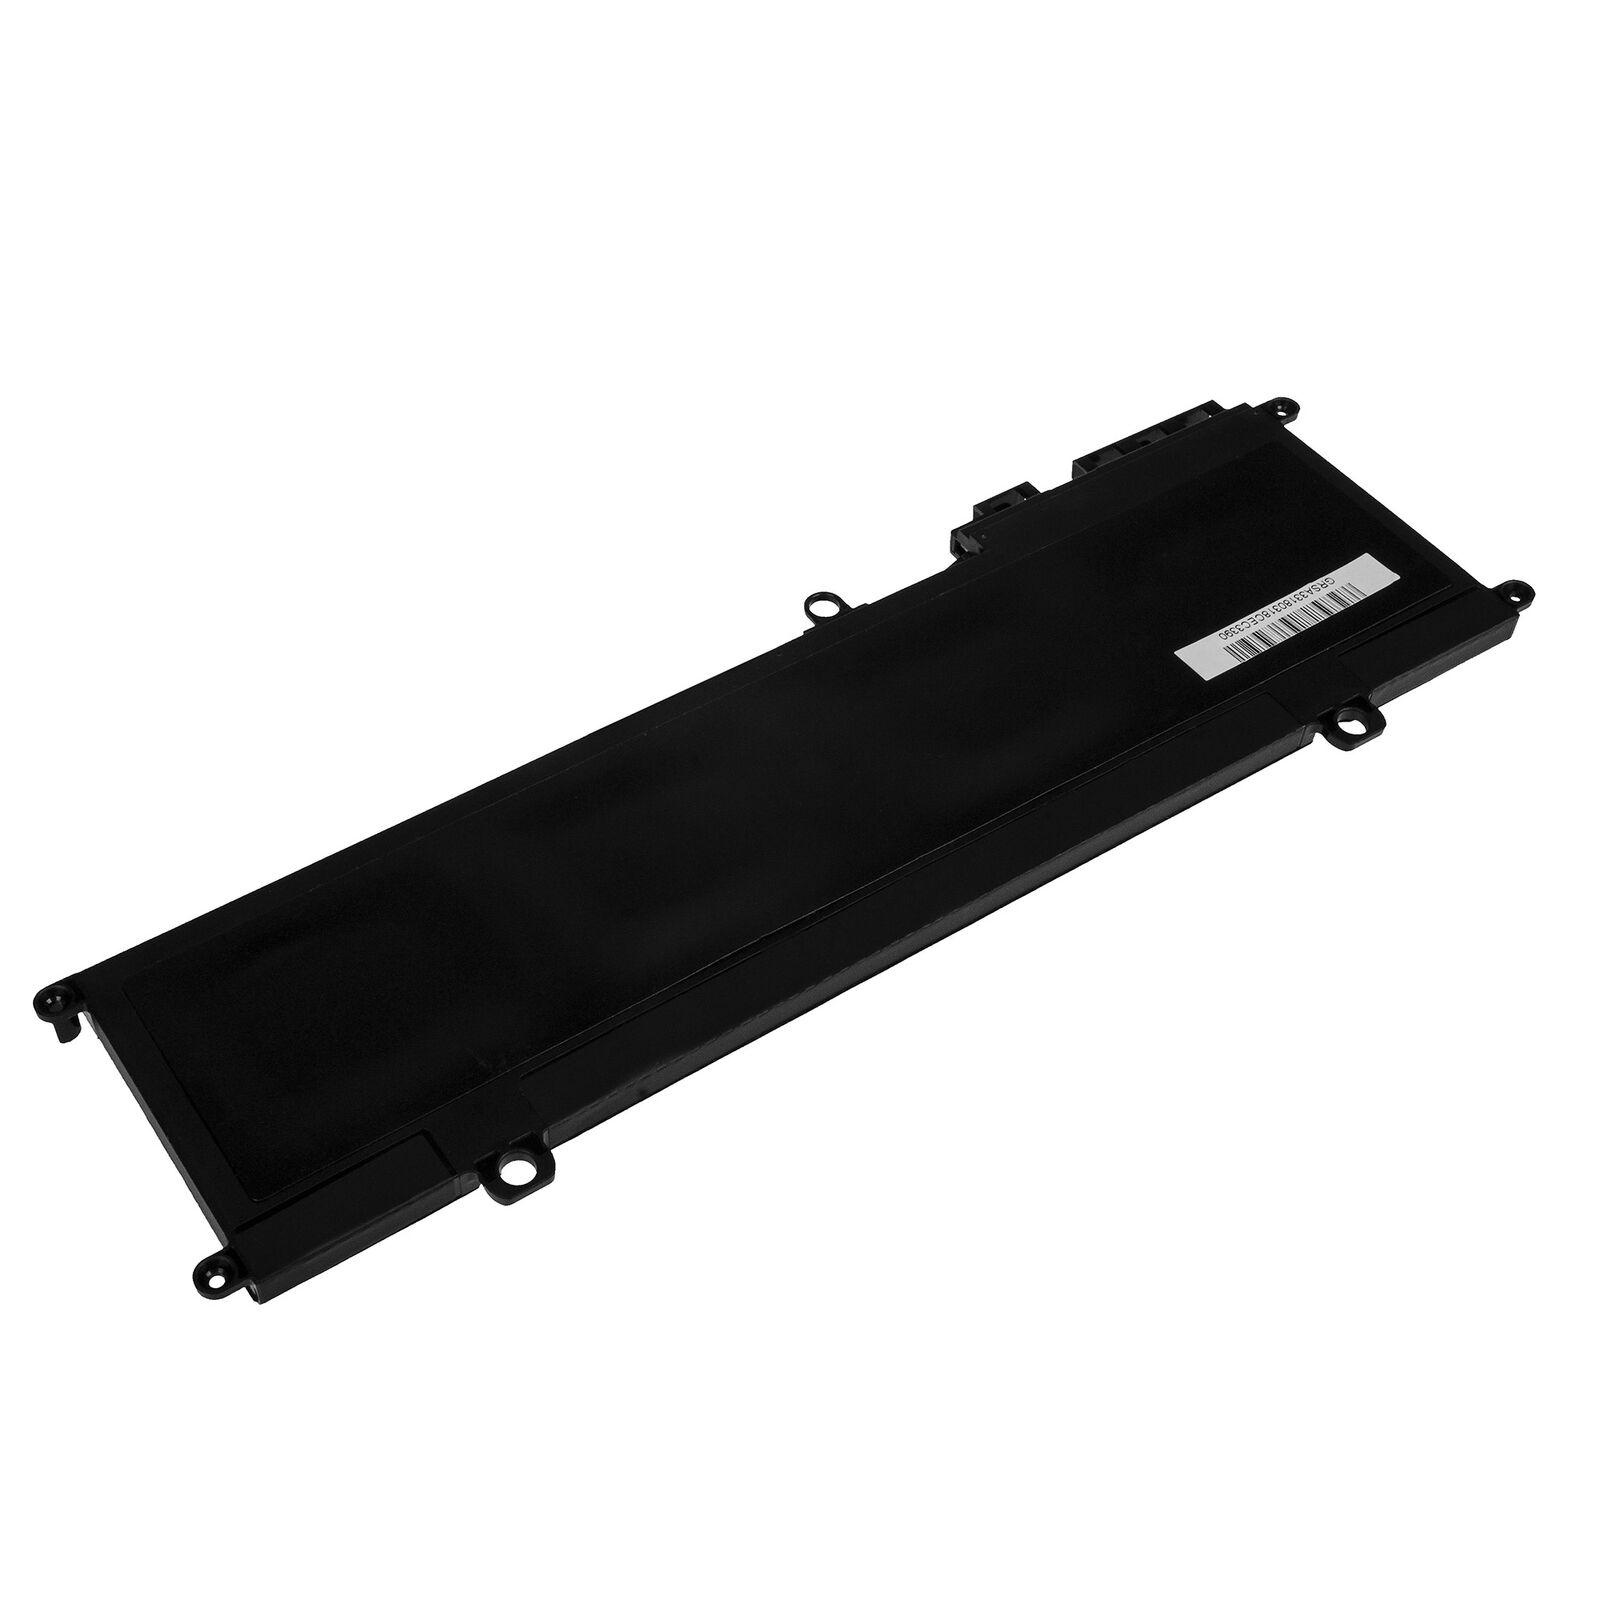 Batterie pour Samsung NP870Z5G-X03 NP870Z5G-X03DE NP880Z5E-X01AT(compatible)